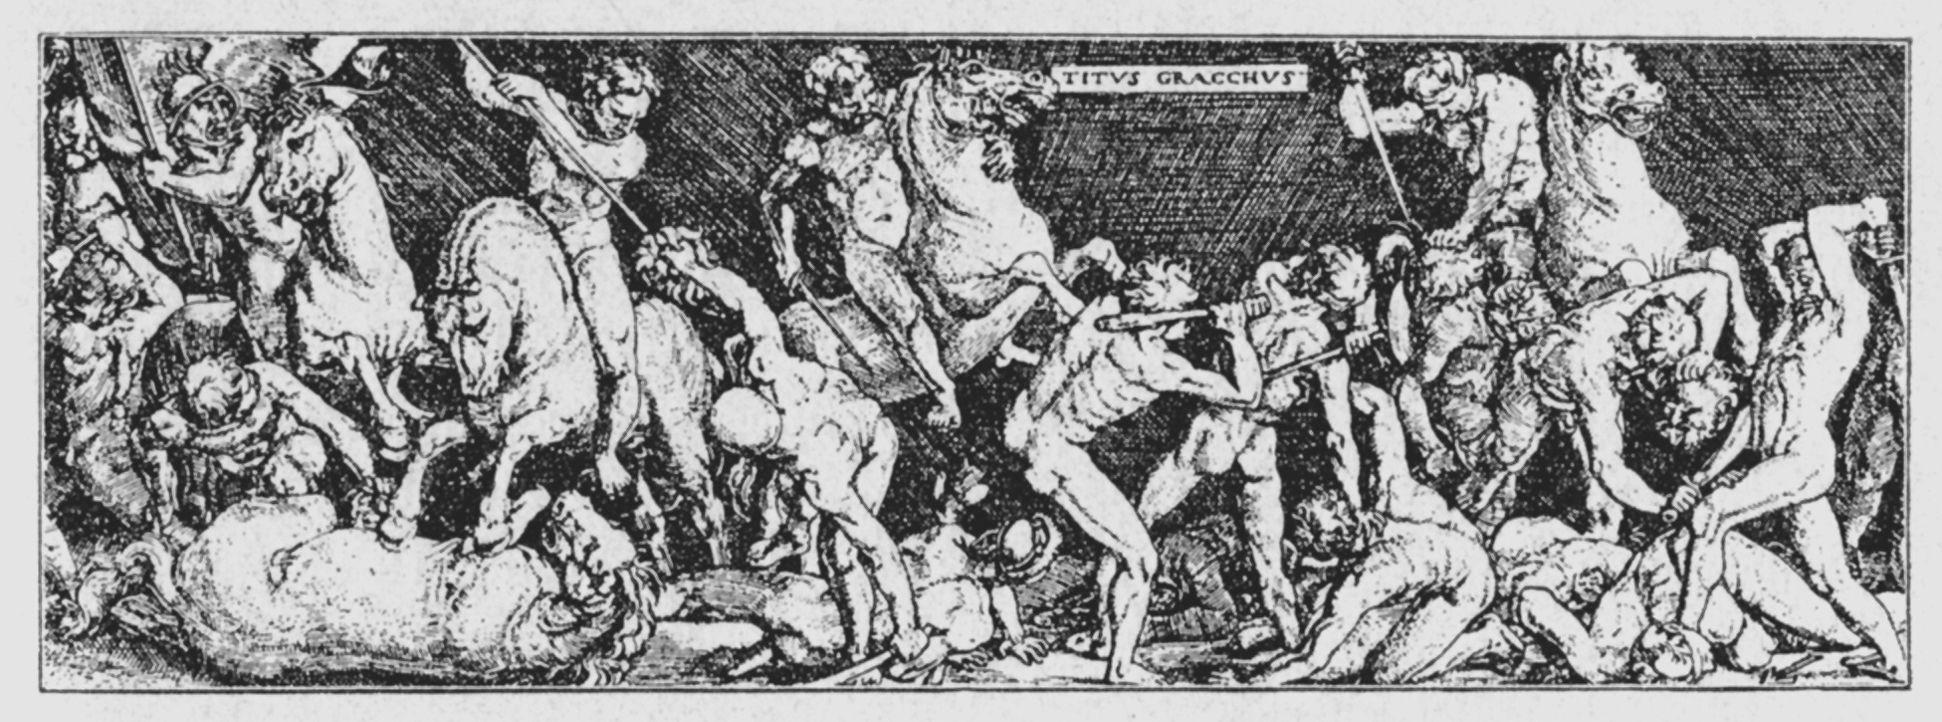 Reiterschlacht (Titus Gracchus, Detail)